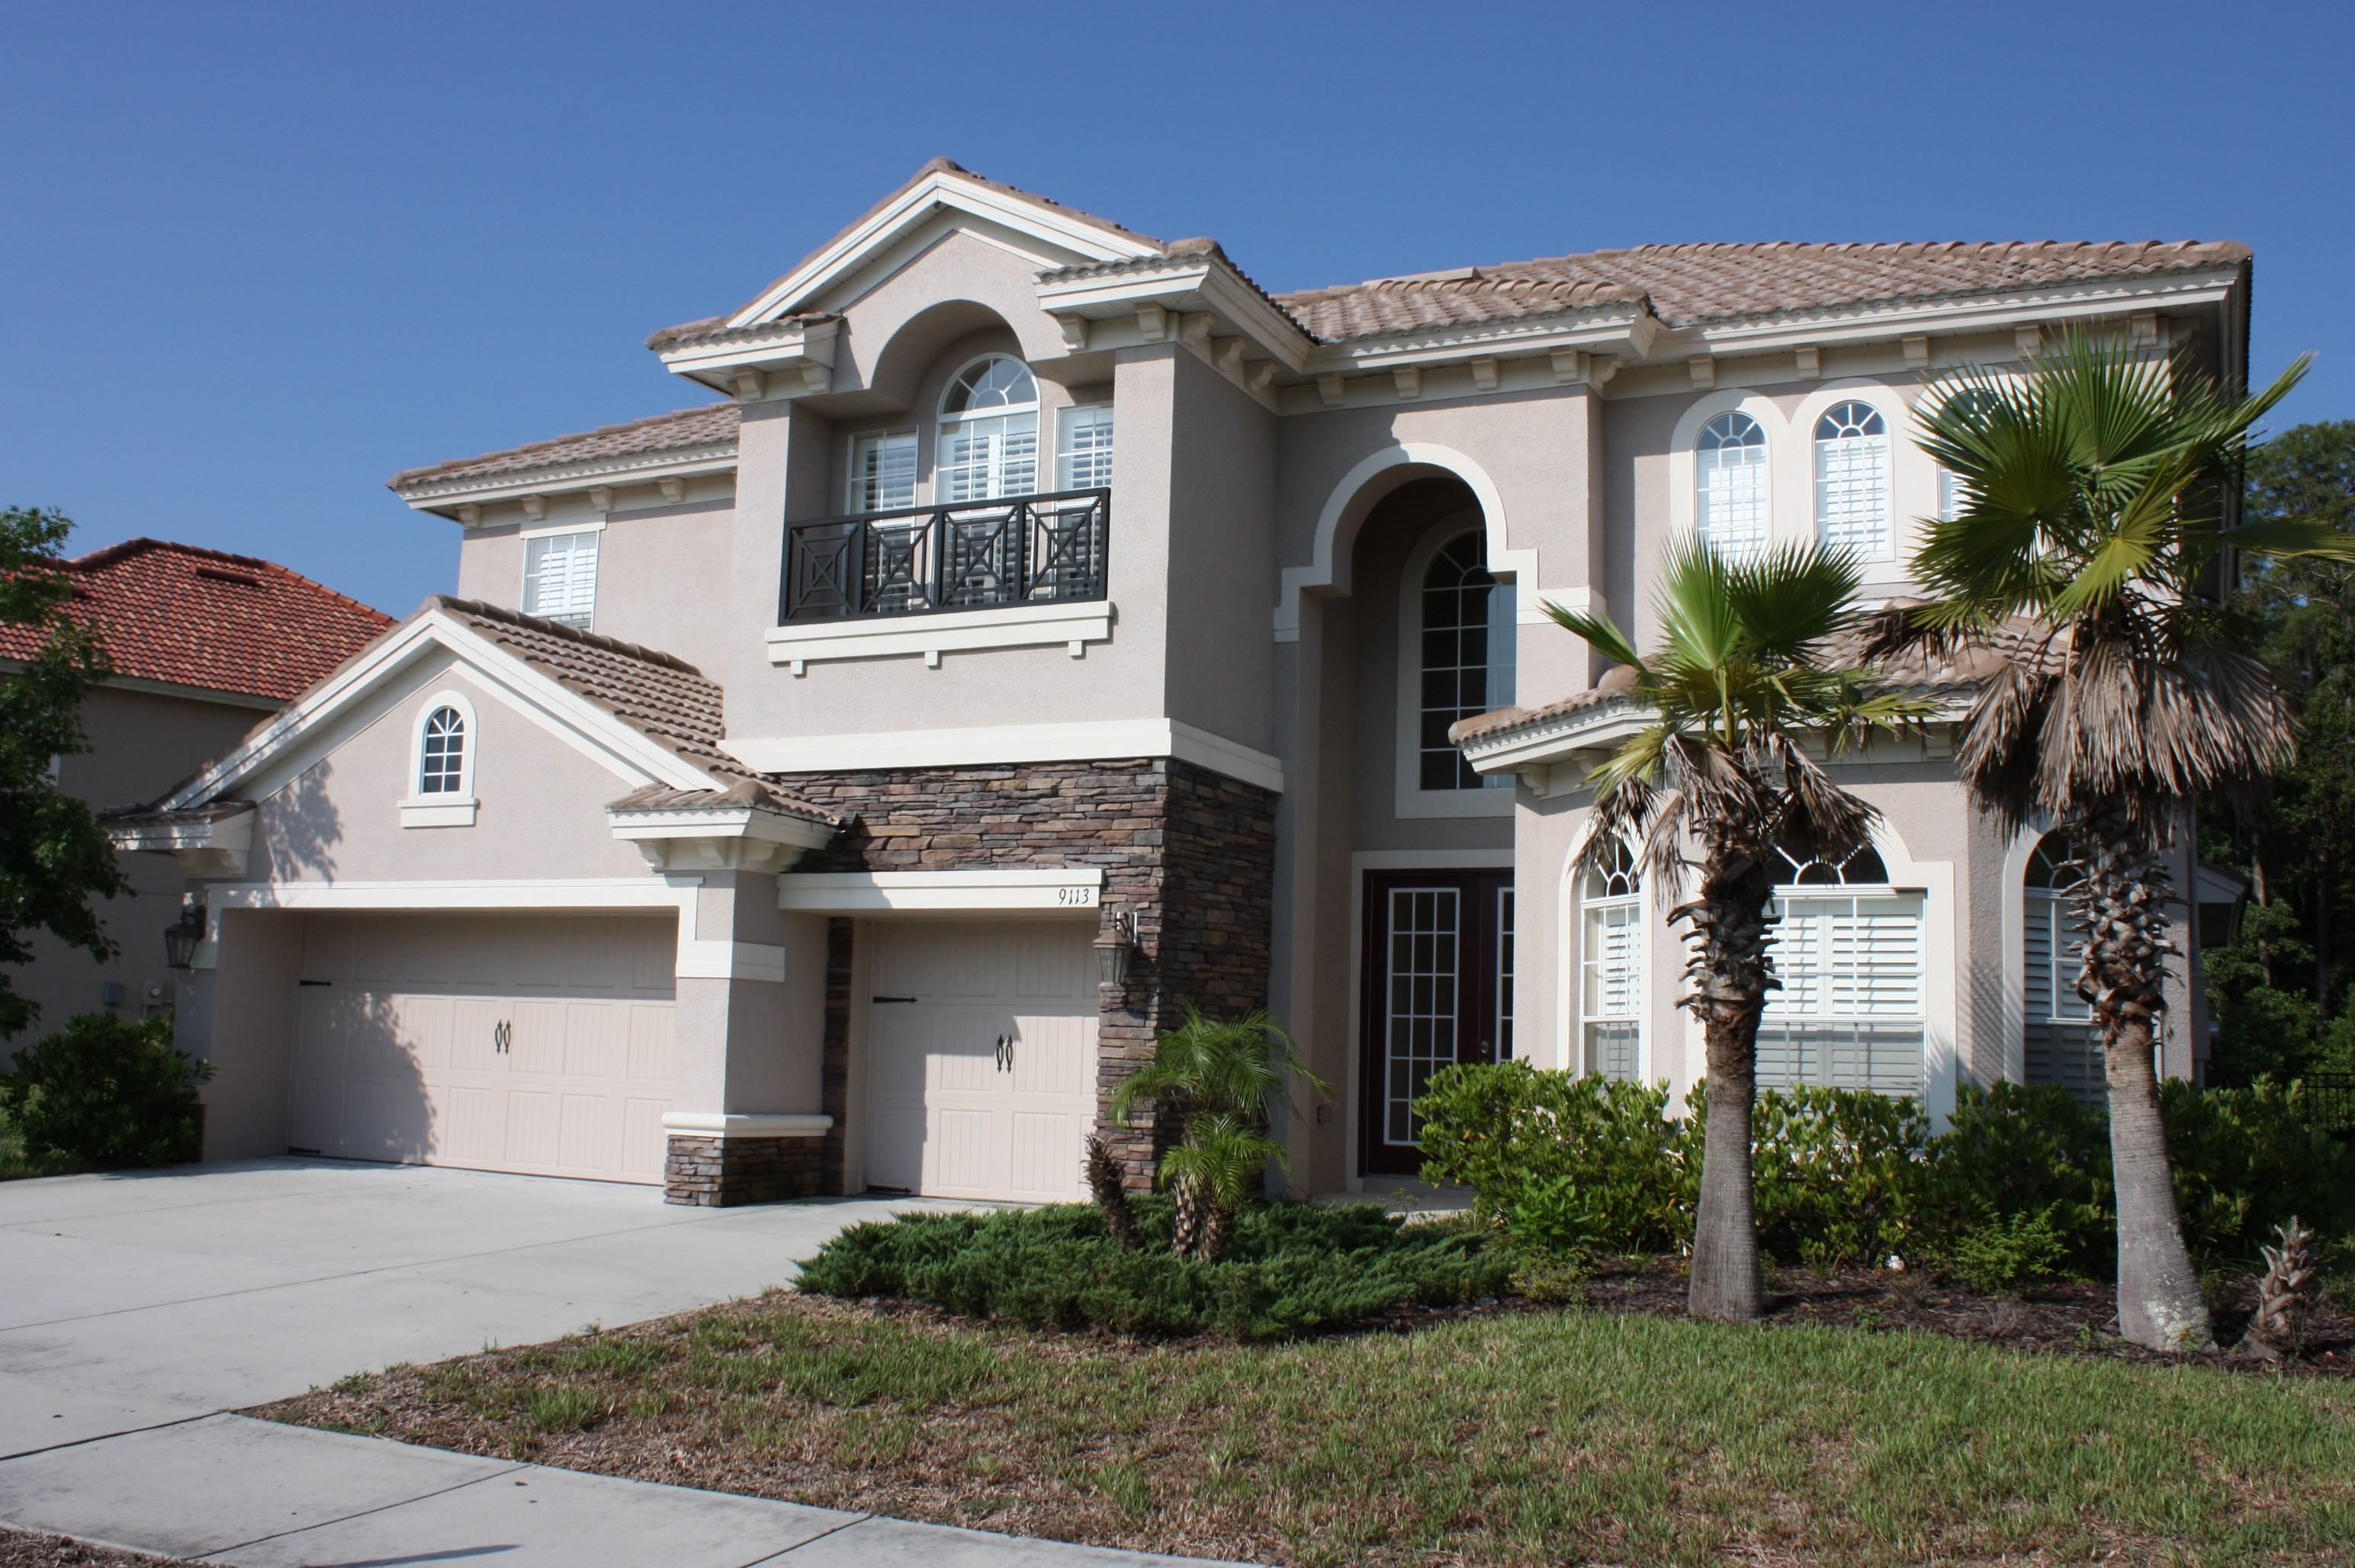 9113 creedmoor ln new port richey fl 34654 5 bedroom house for rent